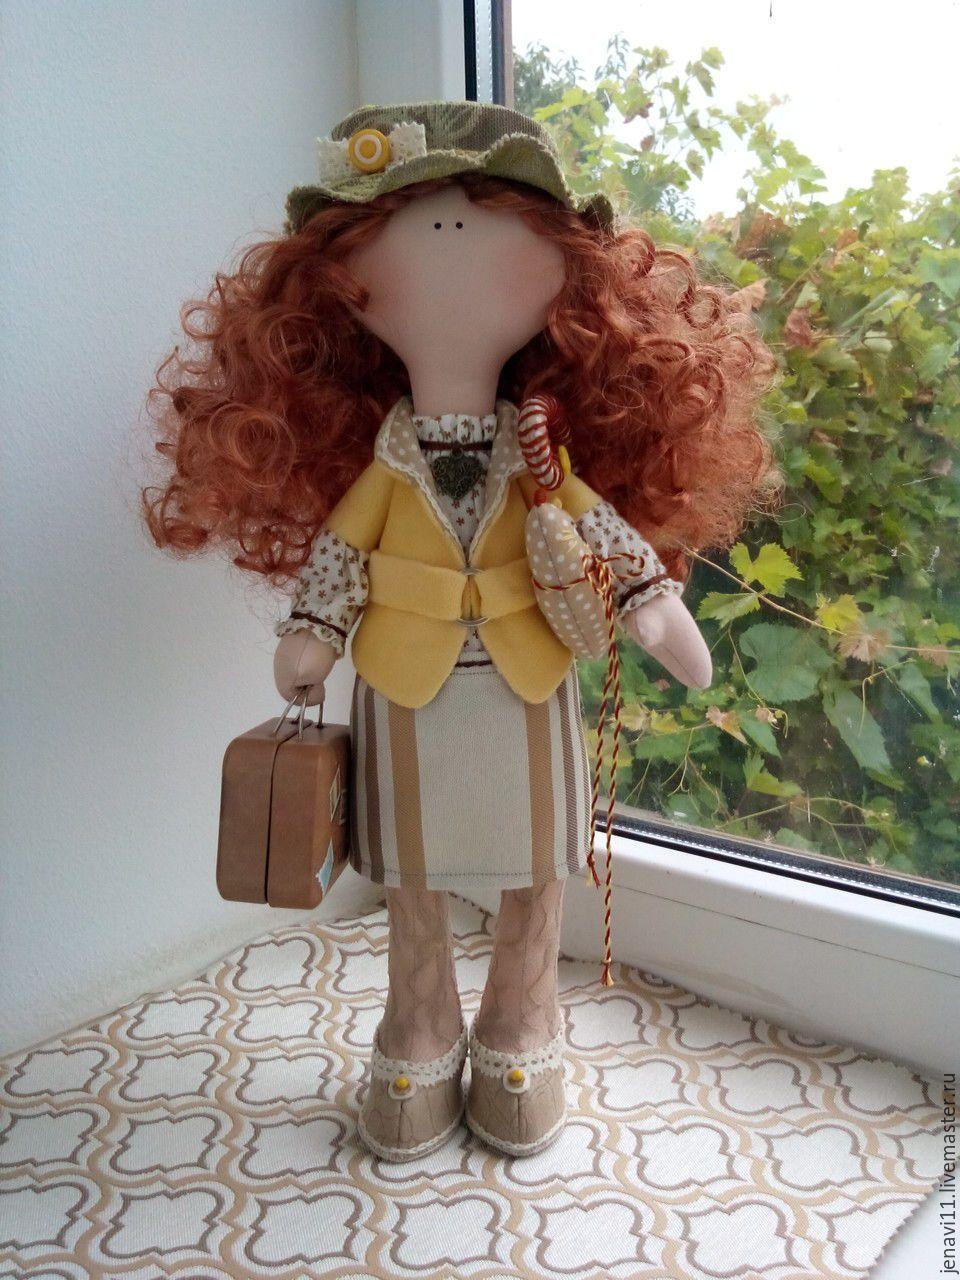 Купить Кукла ручной работы - кукла ручной работы, кукла в подарок, кукла…